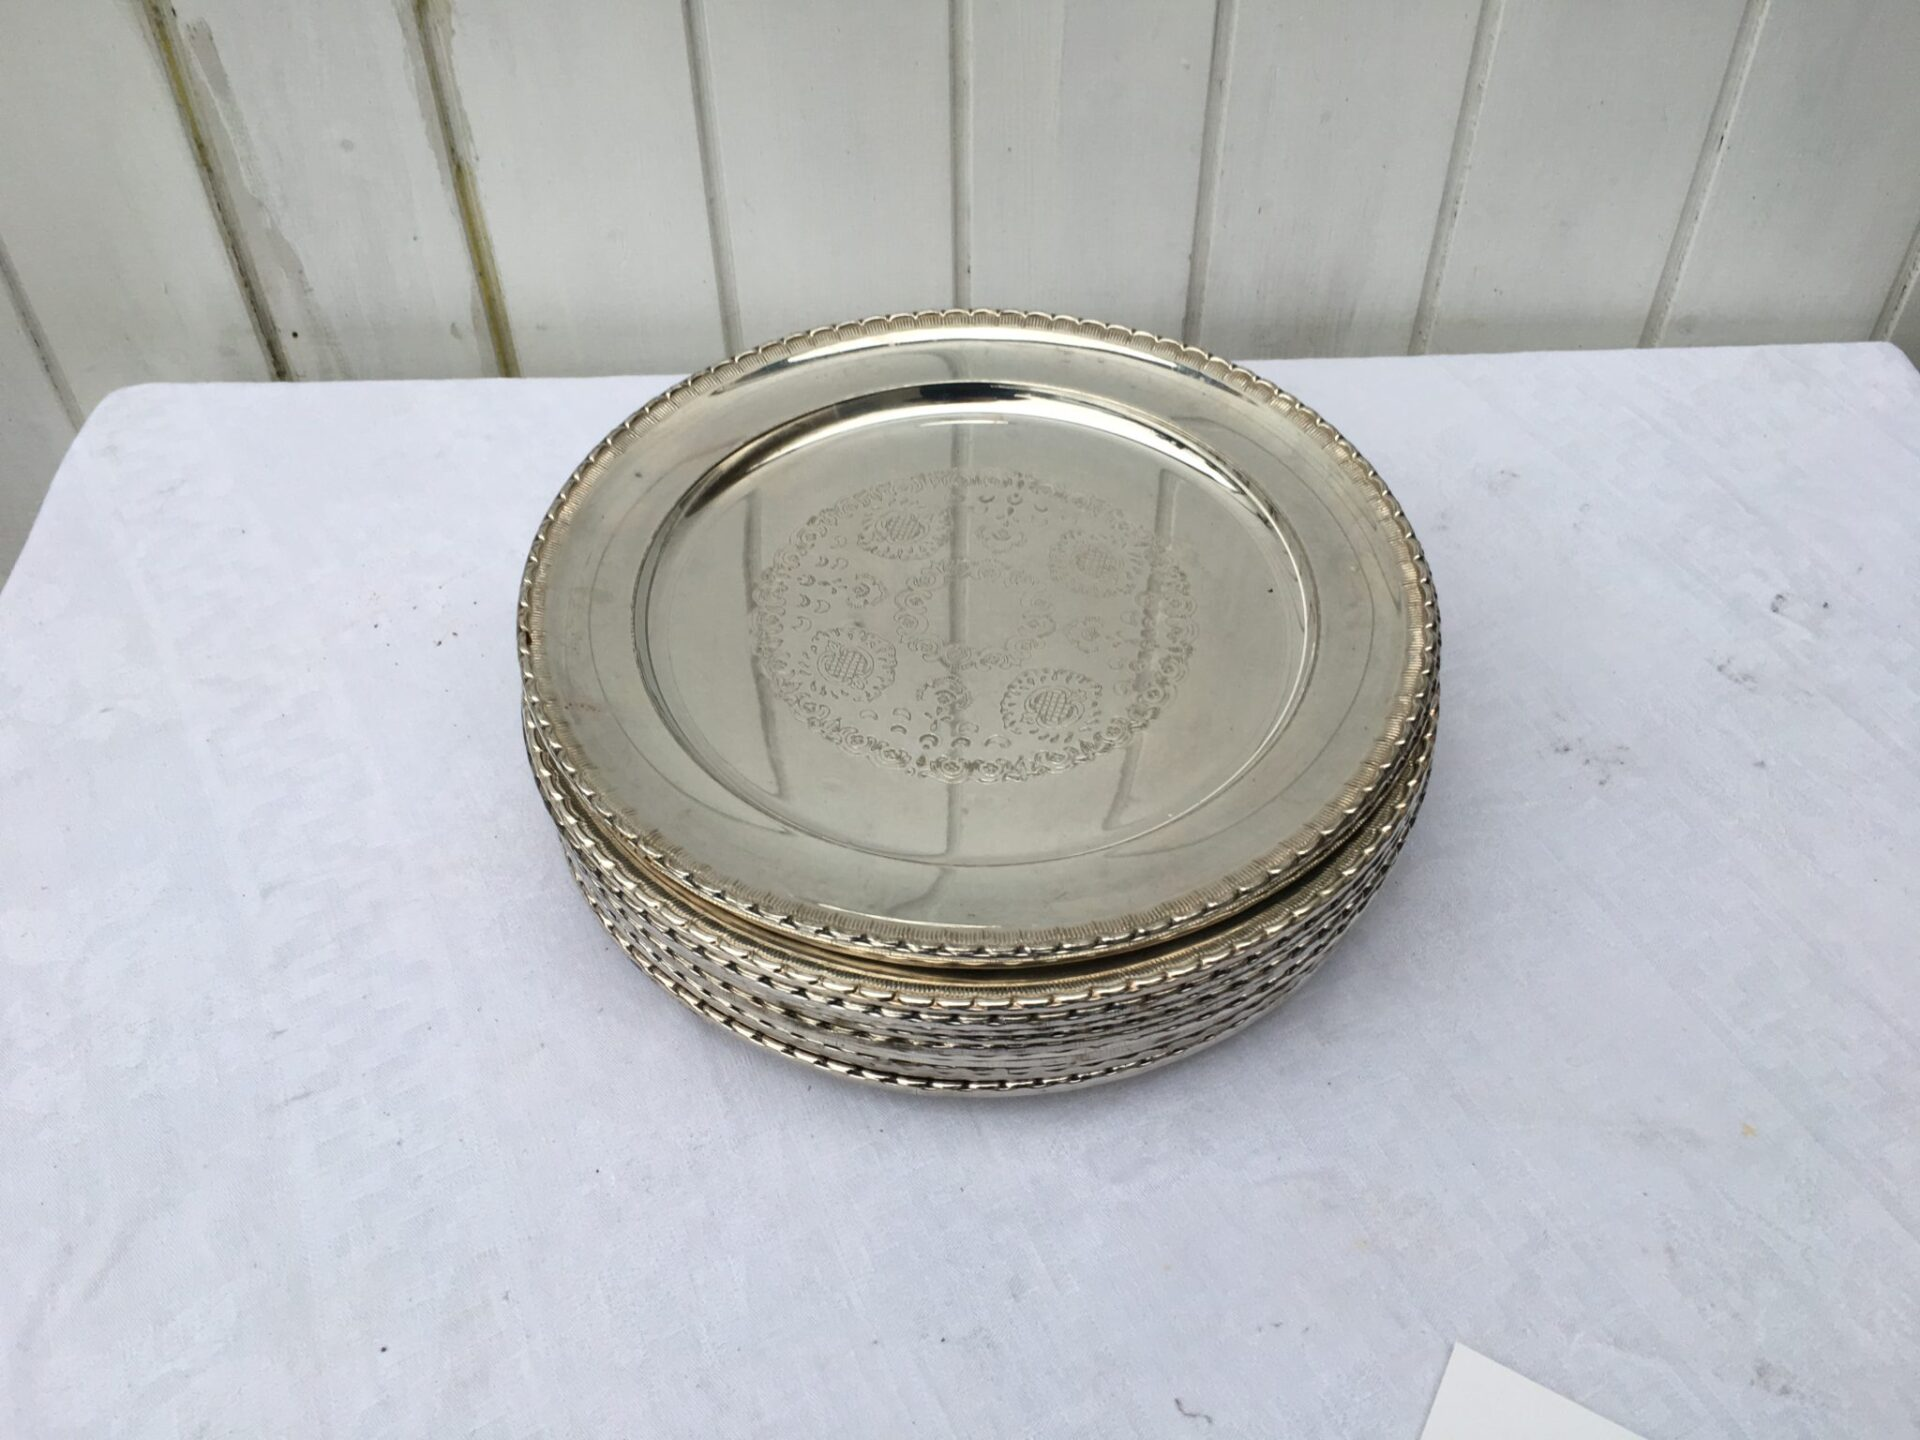 Dækketøjstallerkner af sølvplet pr. stk 75 kr